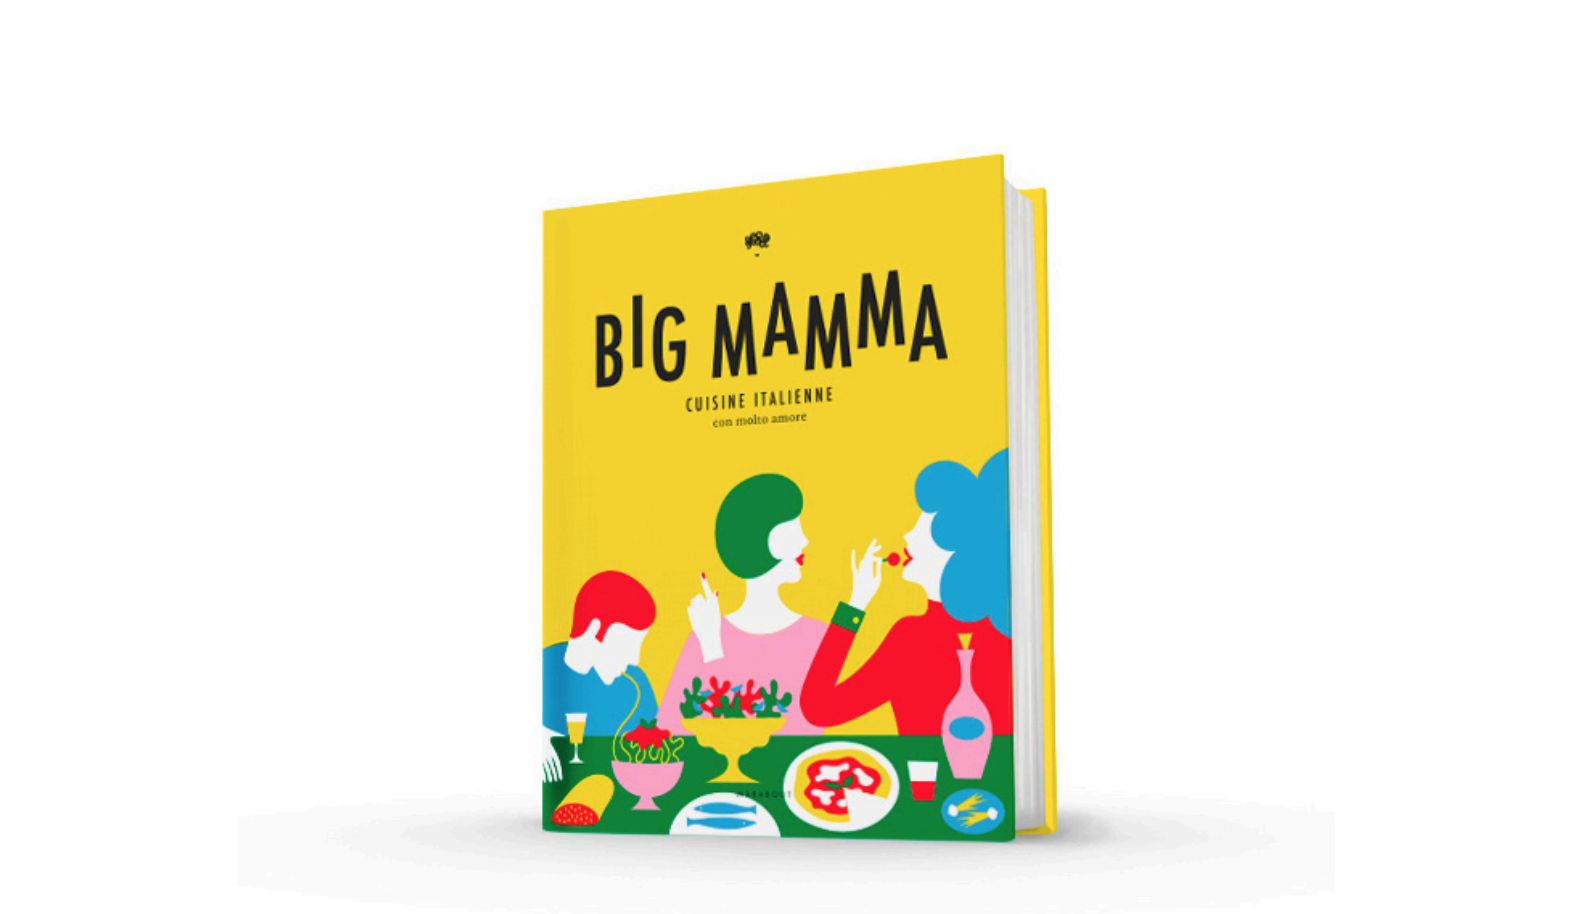 Pink Mamma, le 6ème restaurant de Big Mamma ouvre à Pigalle !